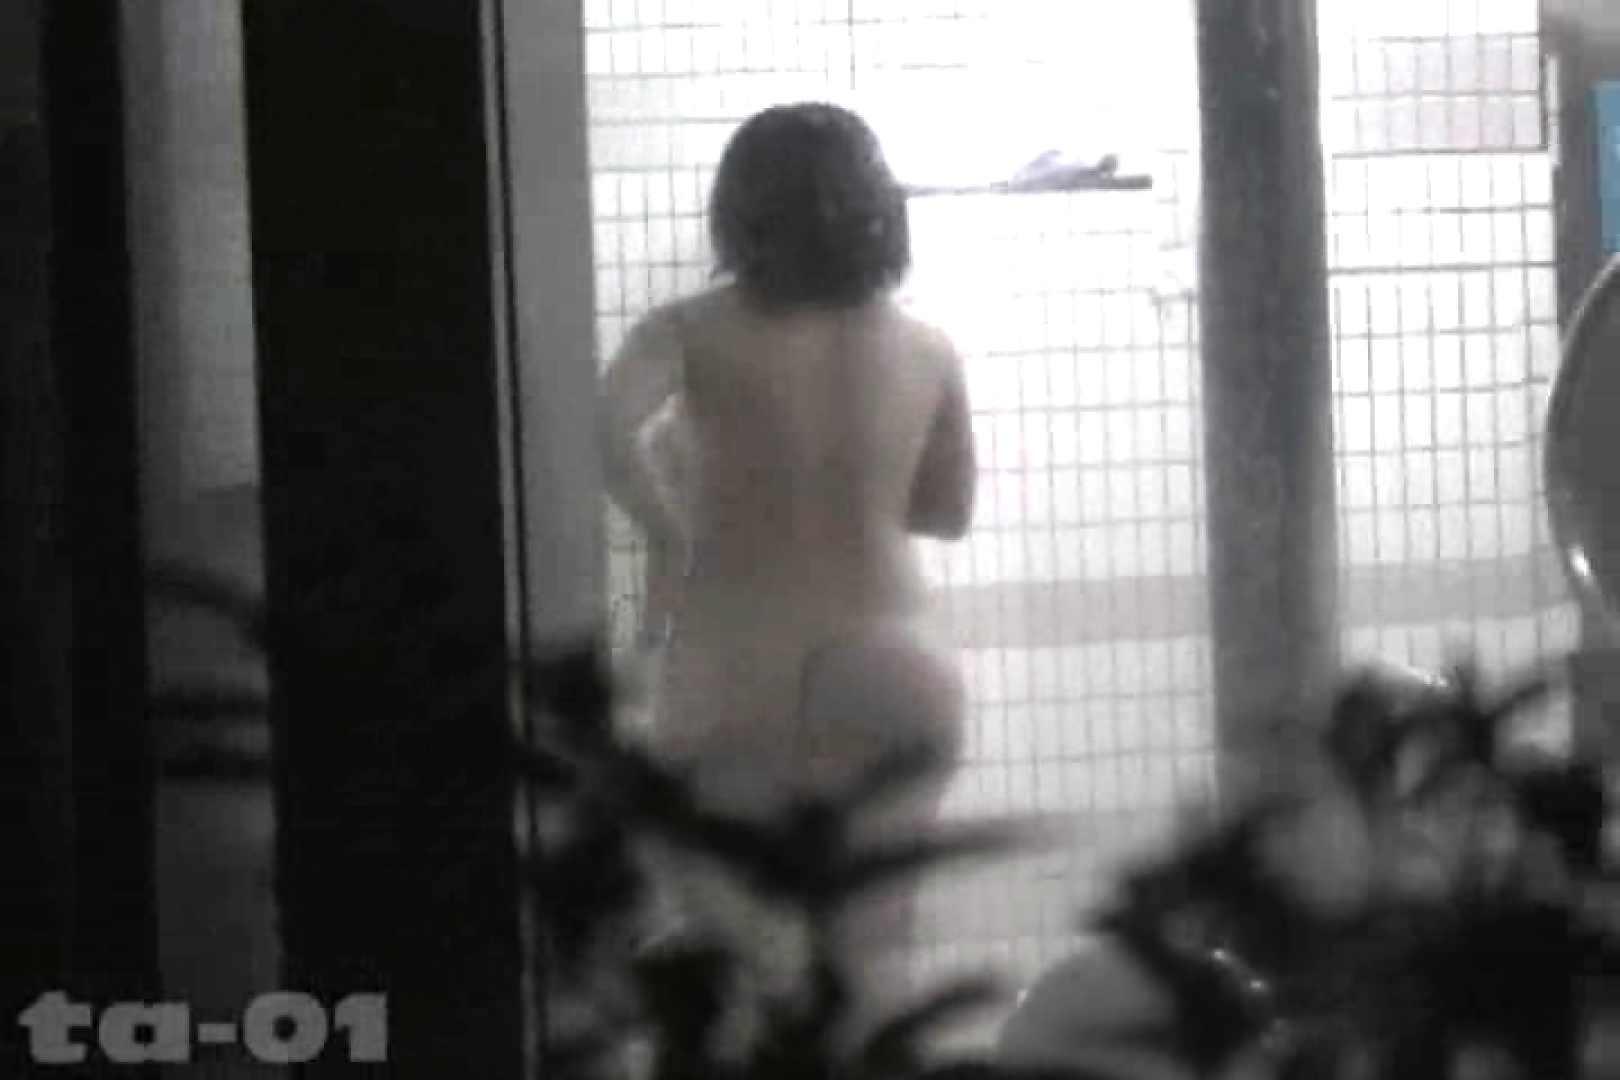 合宿ホテル女風呂盗撮高画質版 Vol.01 エッチすぎるOL達 おまんこ無修正動画無料 53連発 20